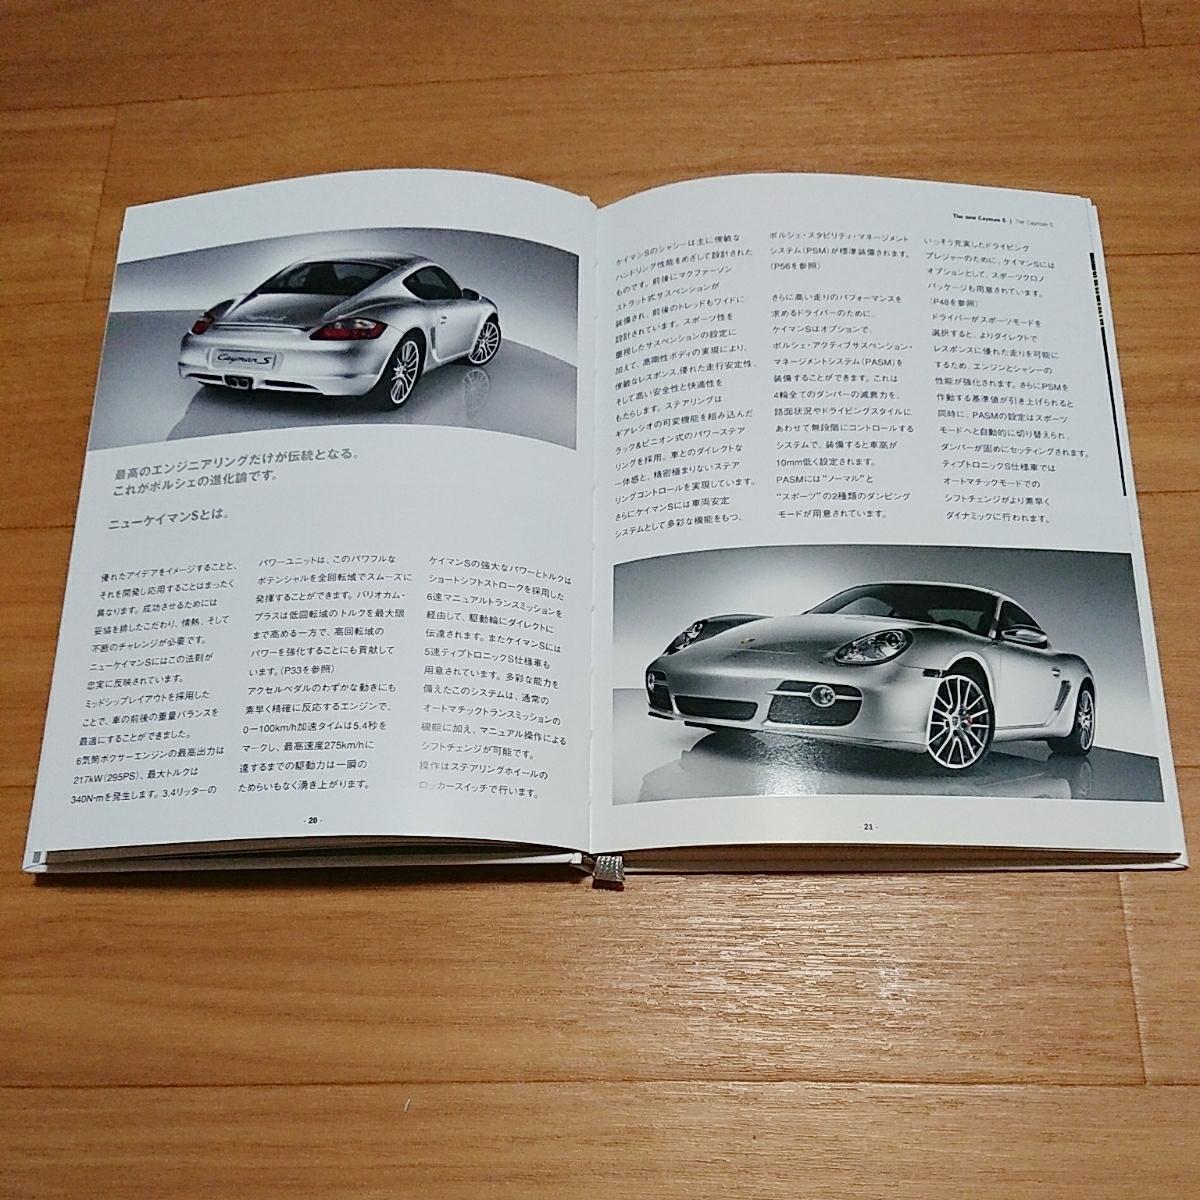 ポルシェケイマンS カタログ2冊セット 2005年 日本語版_画像3